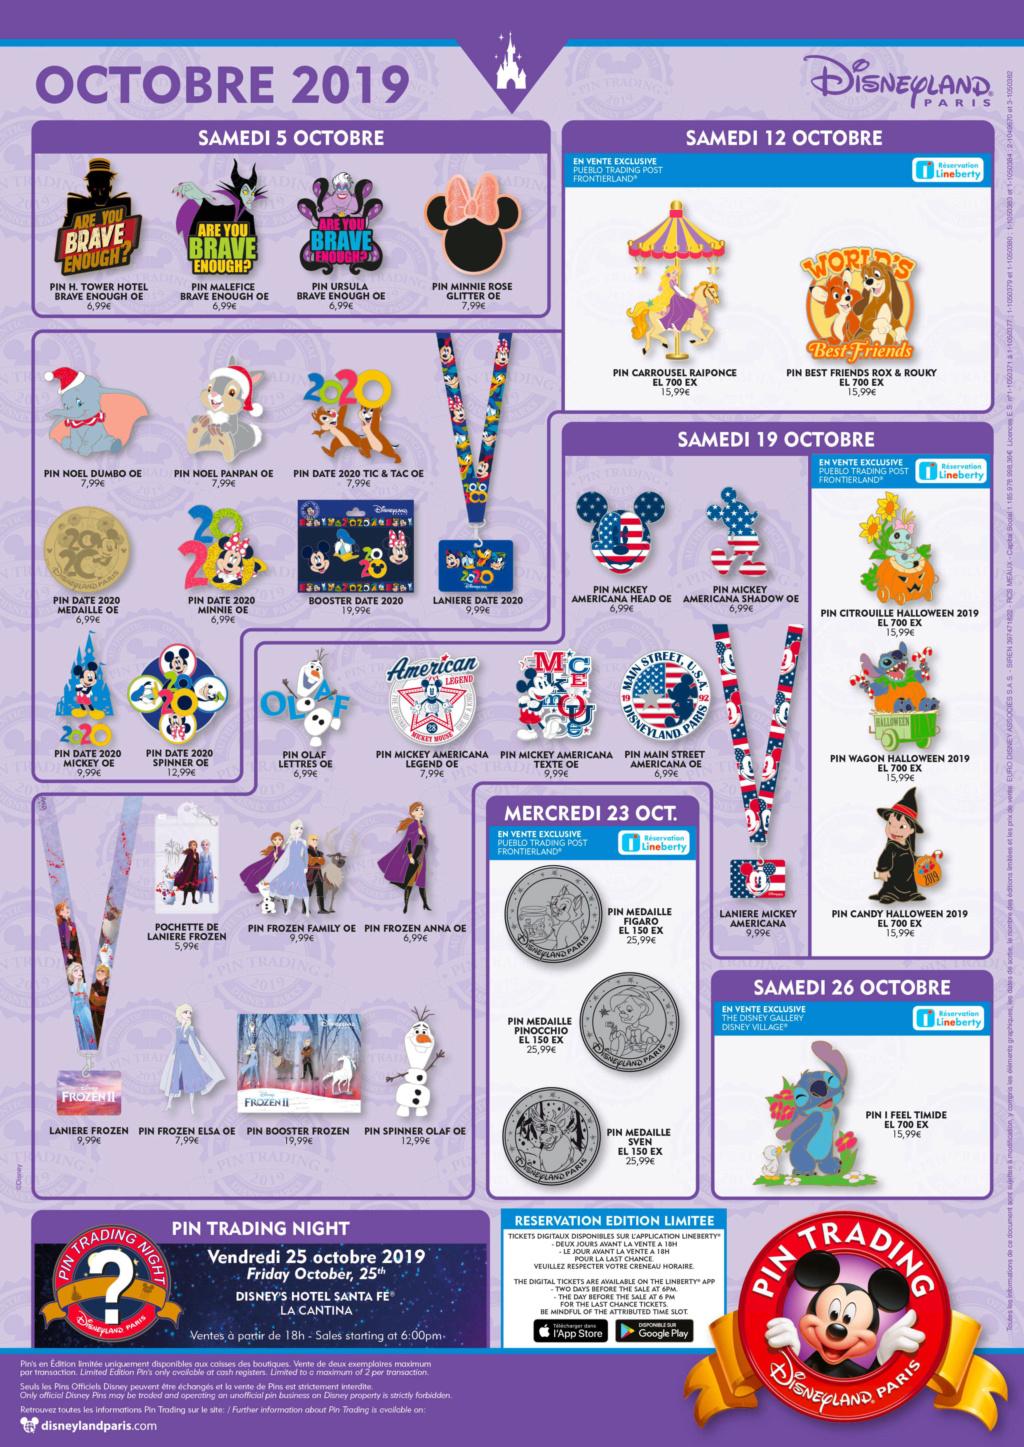 Le Pin Trading à Disneyland Paris - Page 6 Osans_10